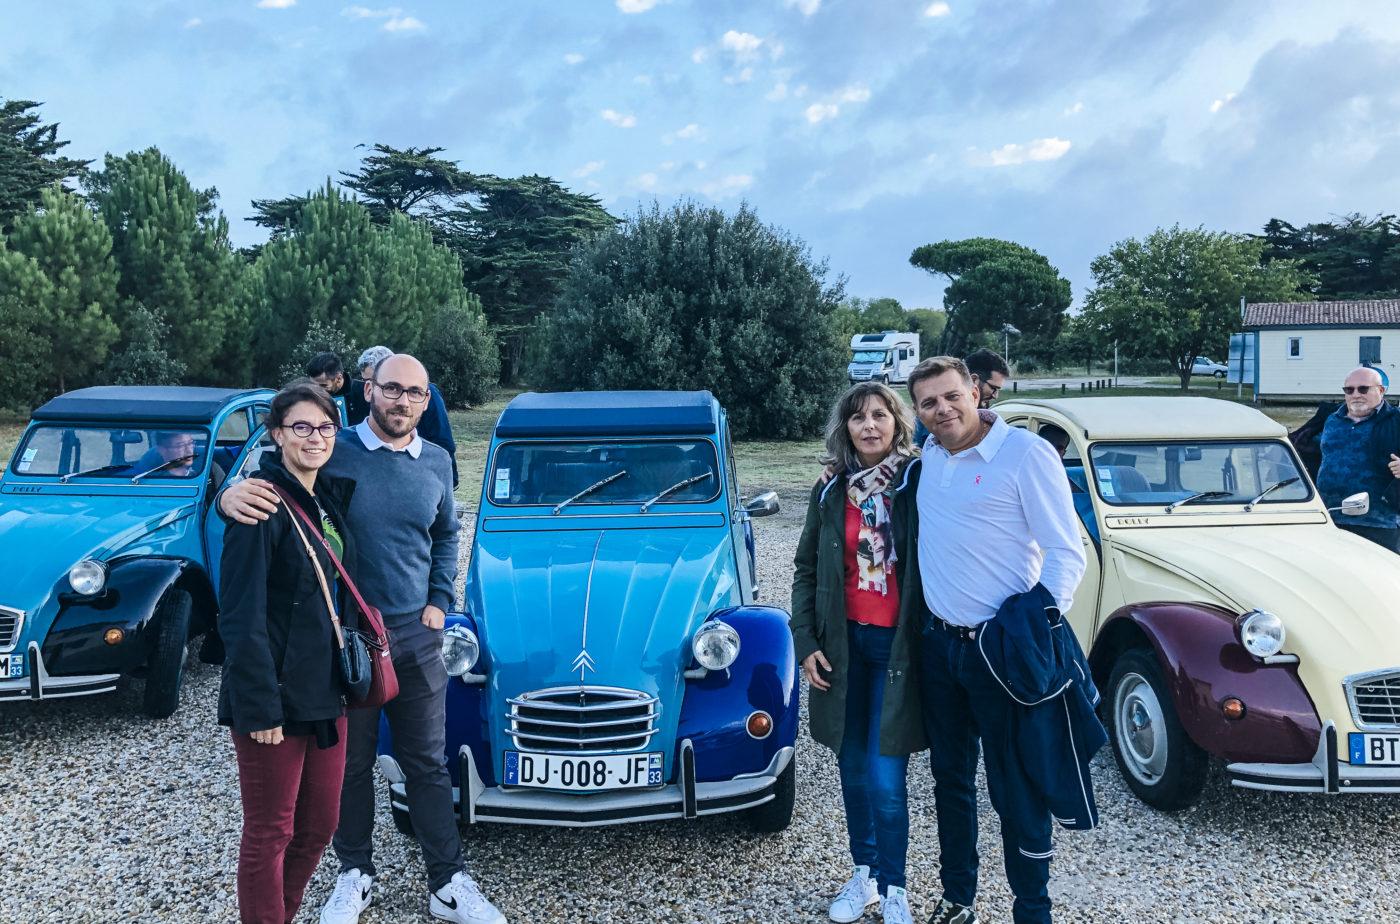 rallye-2CV-pays-basque-landes-medoc-arcachon-team-building-pays-basque-biarritz-agence-evenementielle-erronda